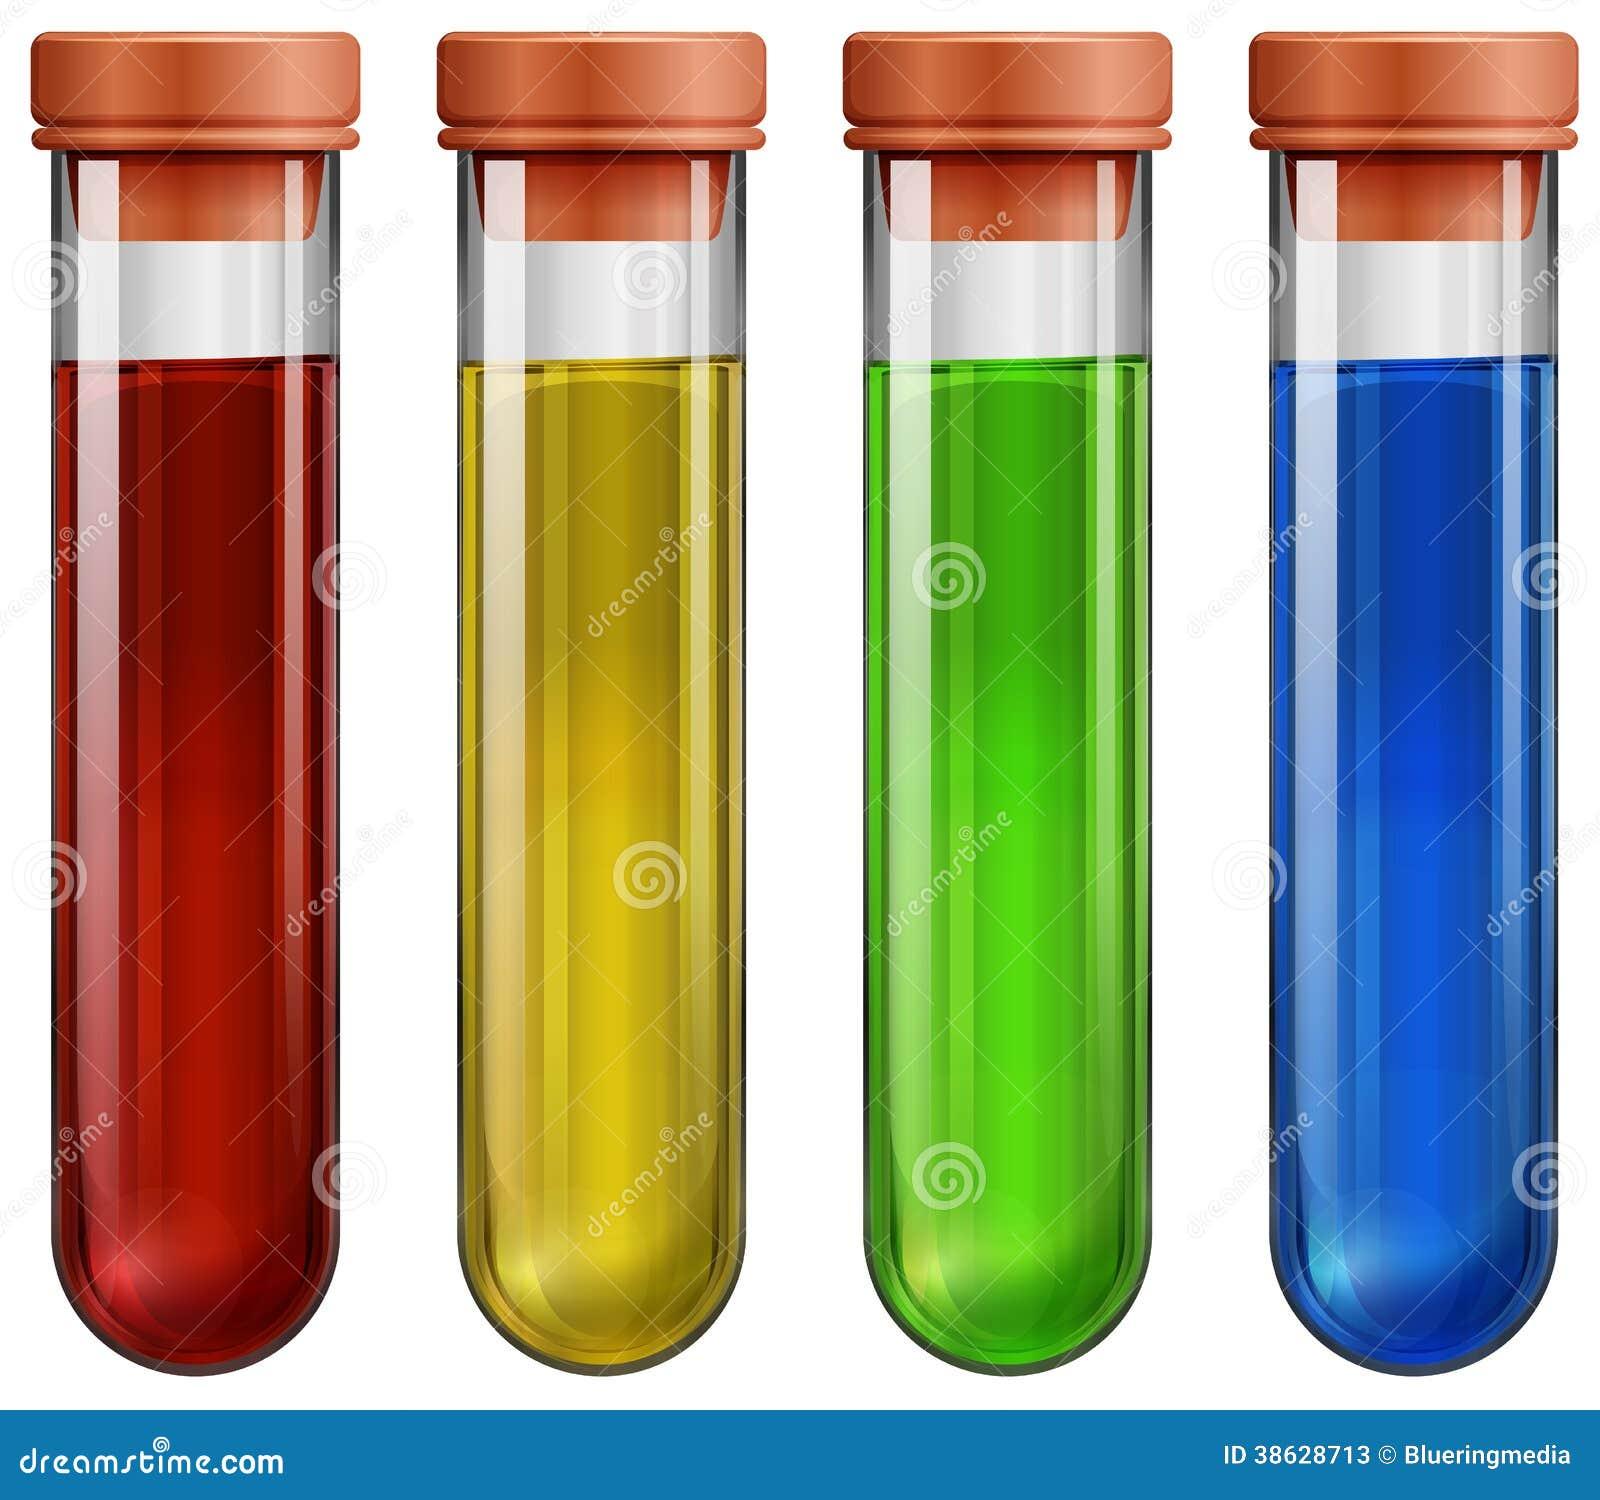 Tubes à essai avec des produits chimiques